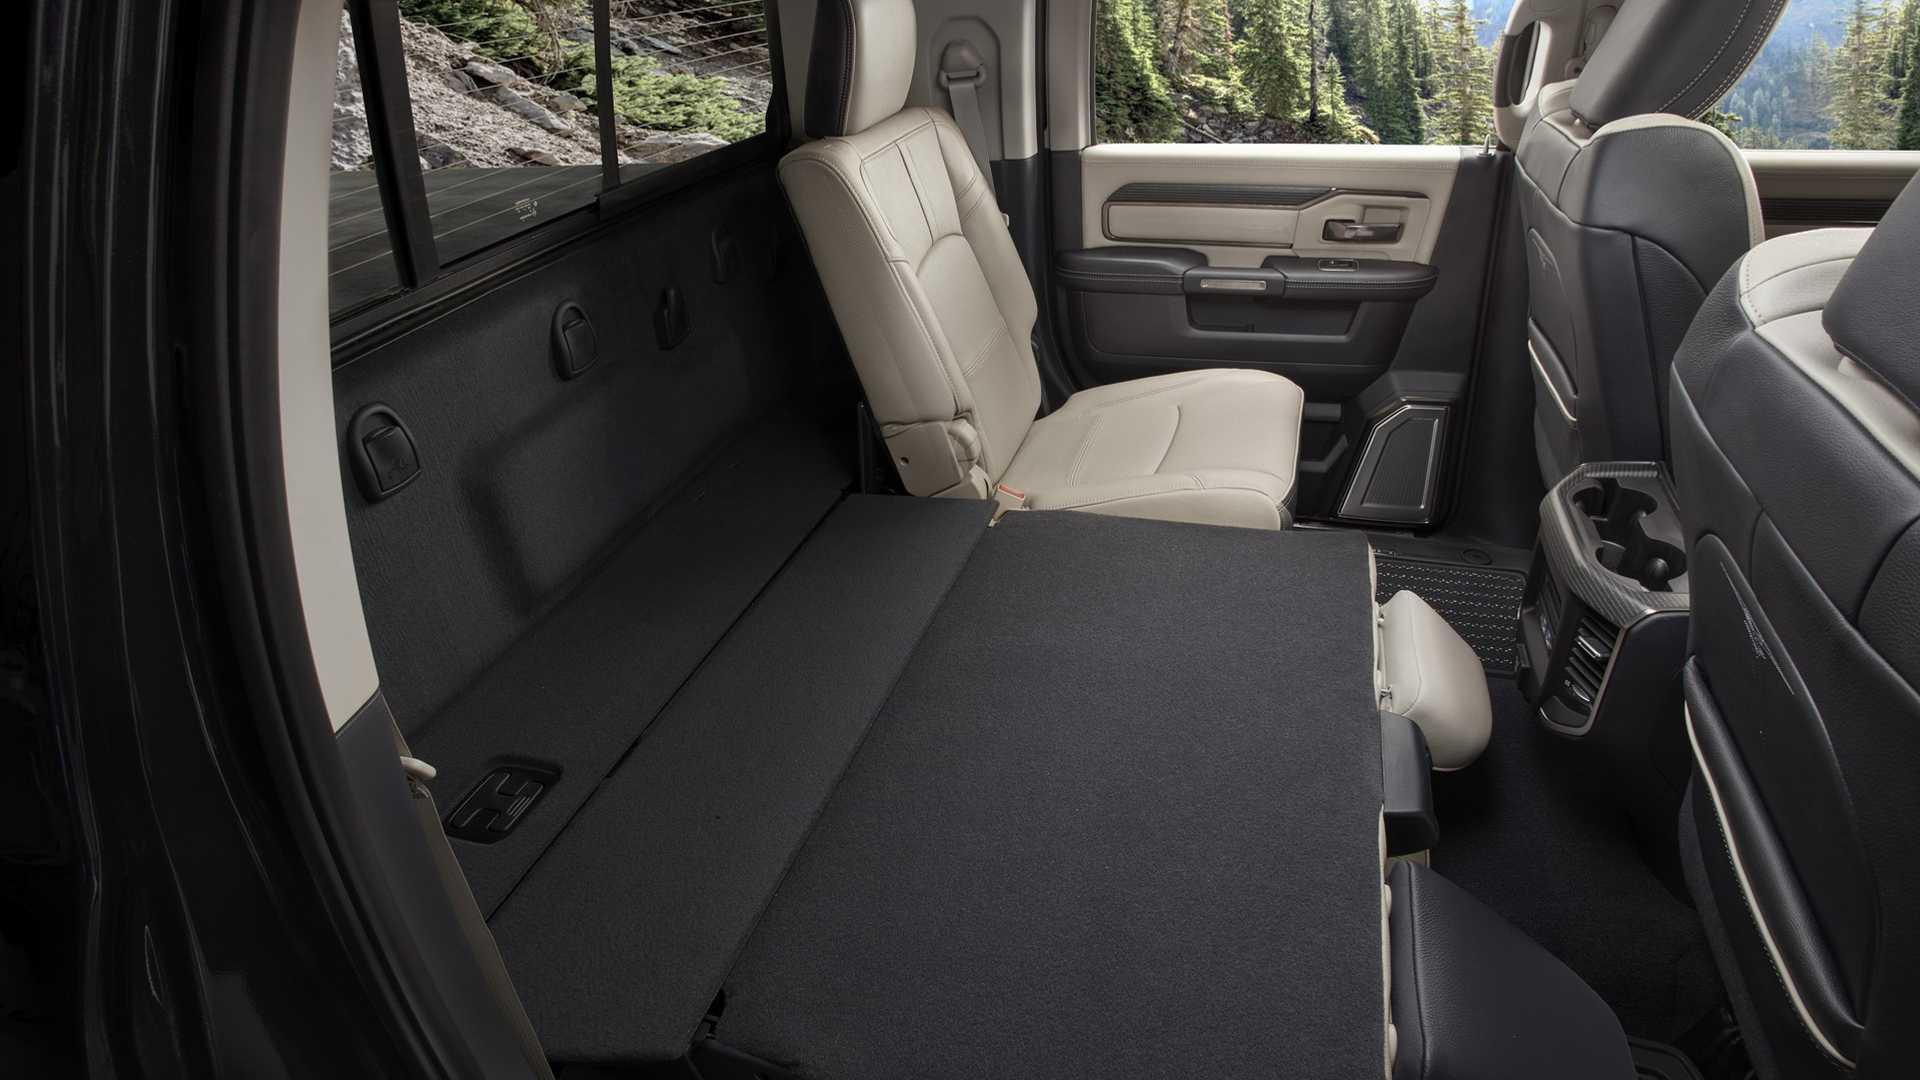 2019-ram-heavy-duty-interior (65)